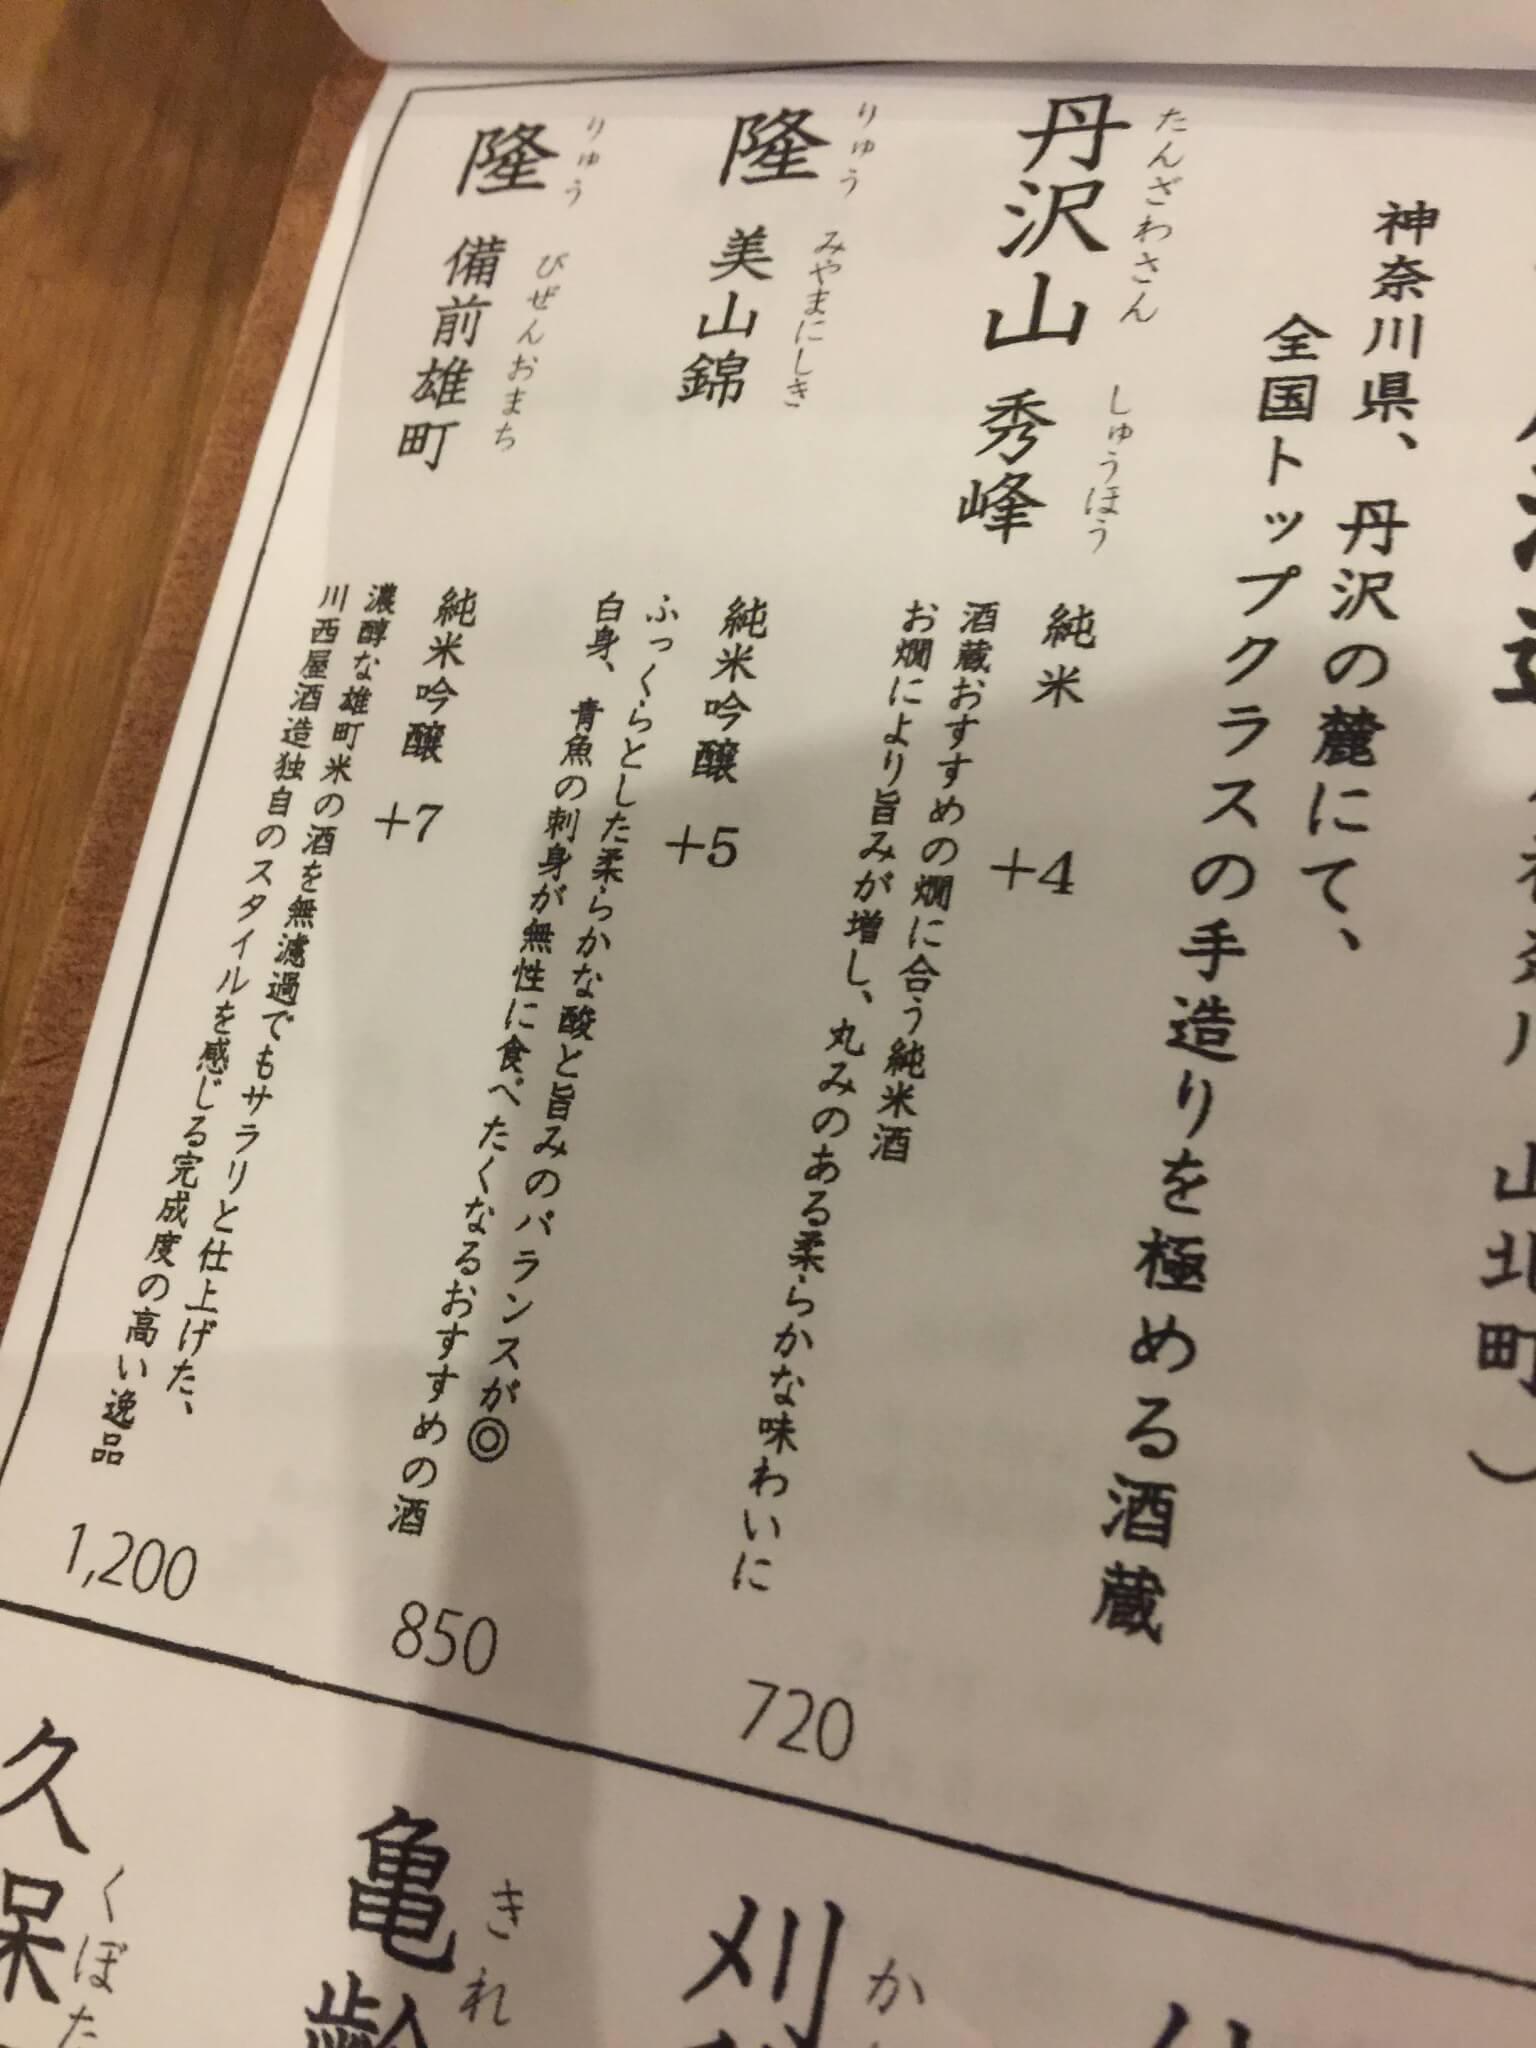 MORI-MESHI(森メシ)の日本酒メニュー